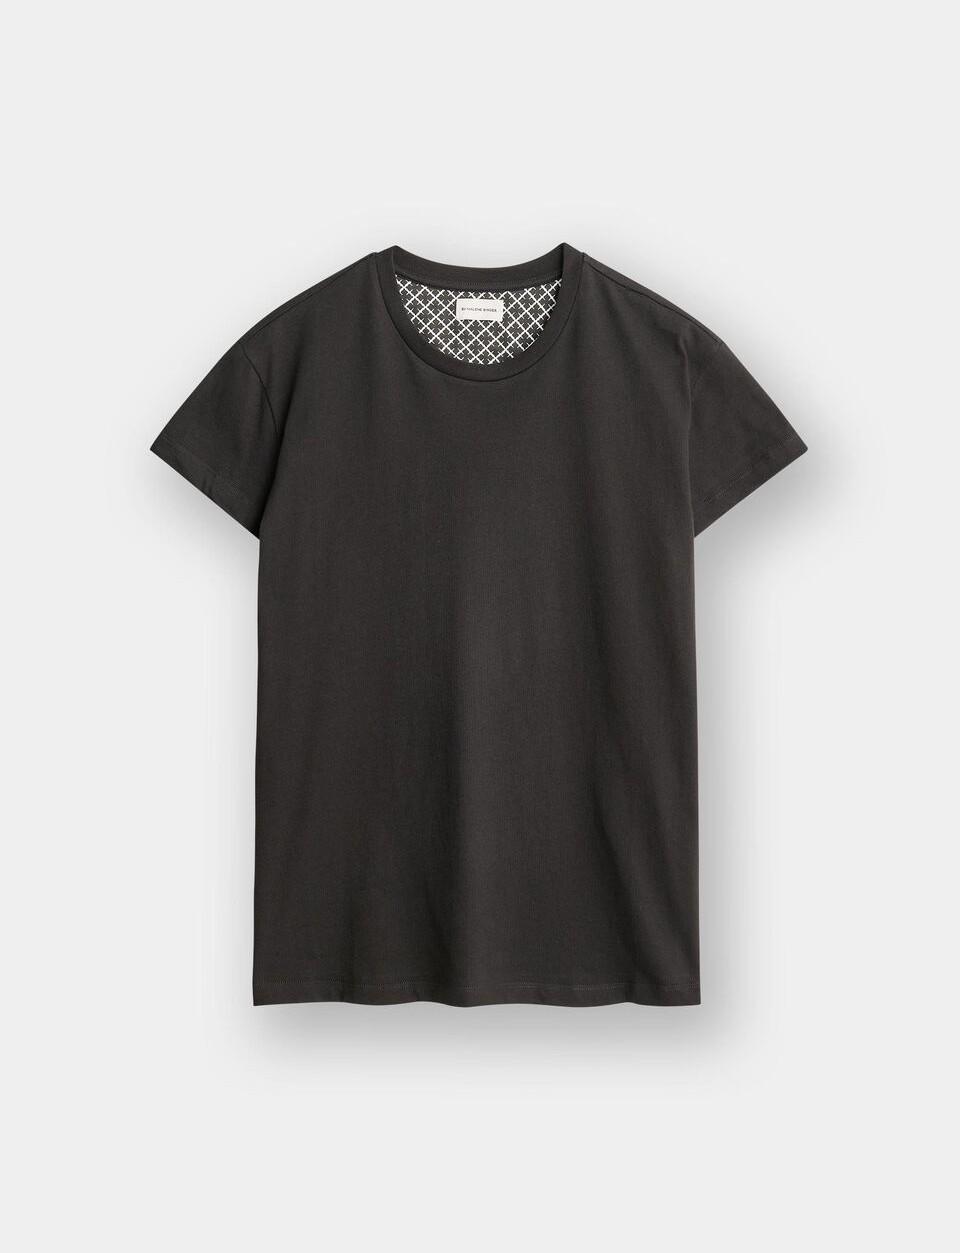 BY MALENE BIRGER Rionn sort t skjorte | Hoyer.no